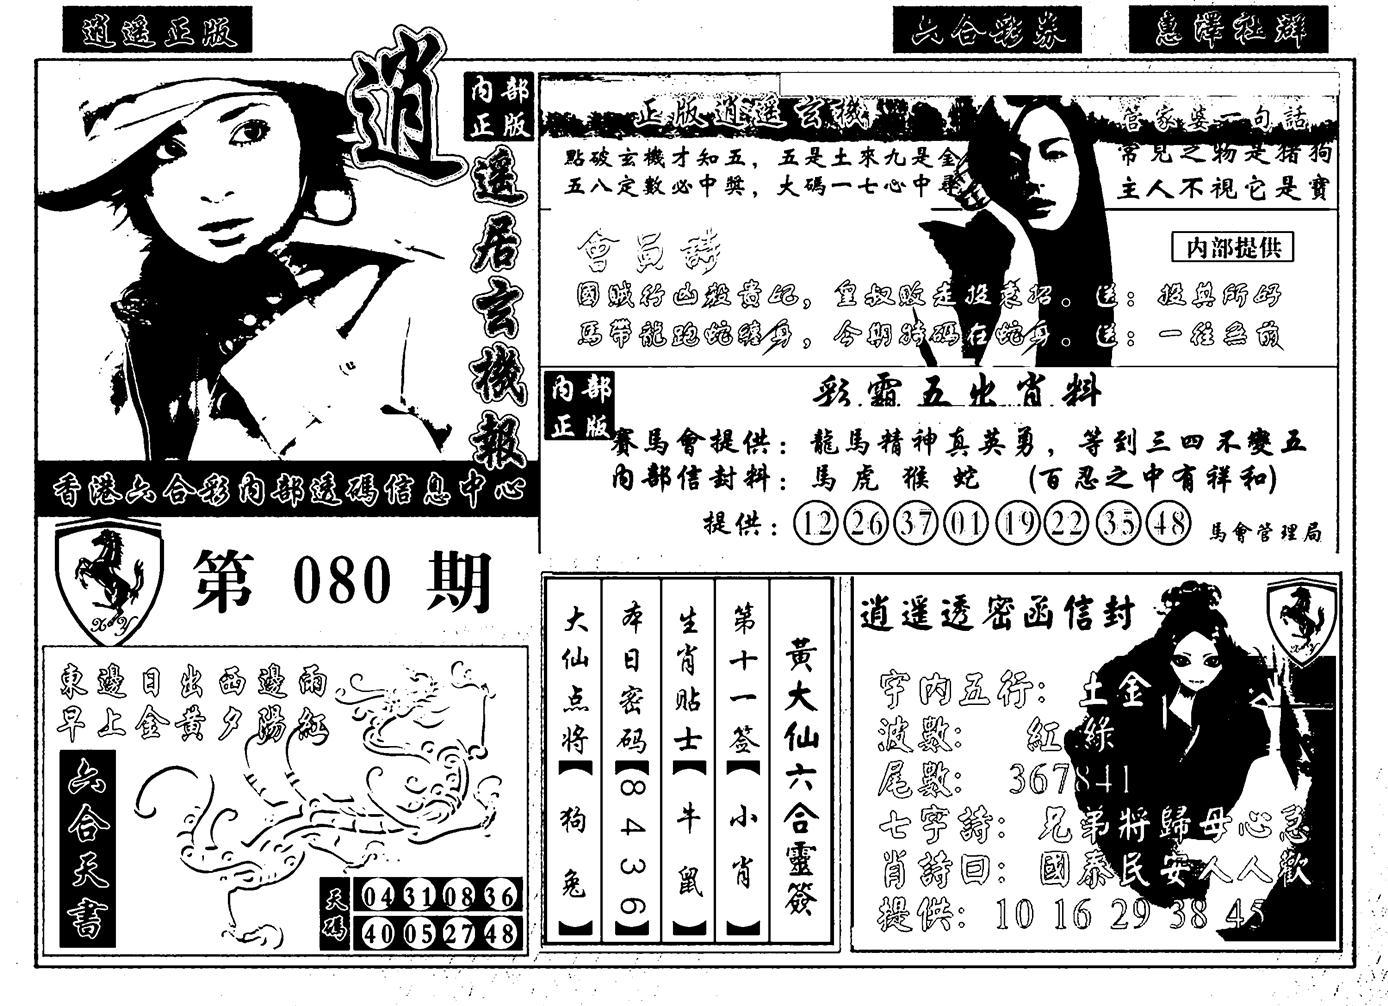 080期九龙玄机报(黑白)